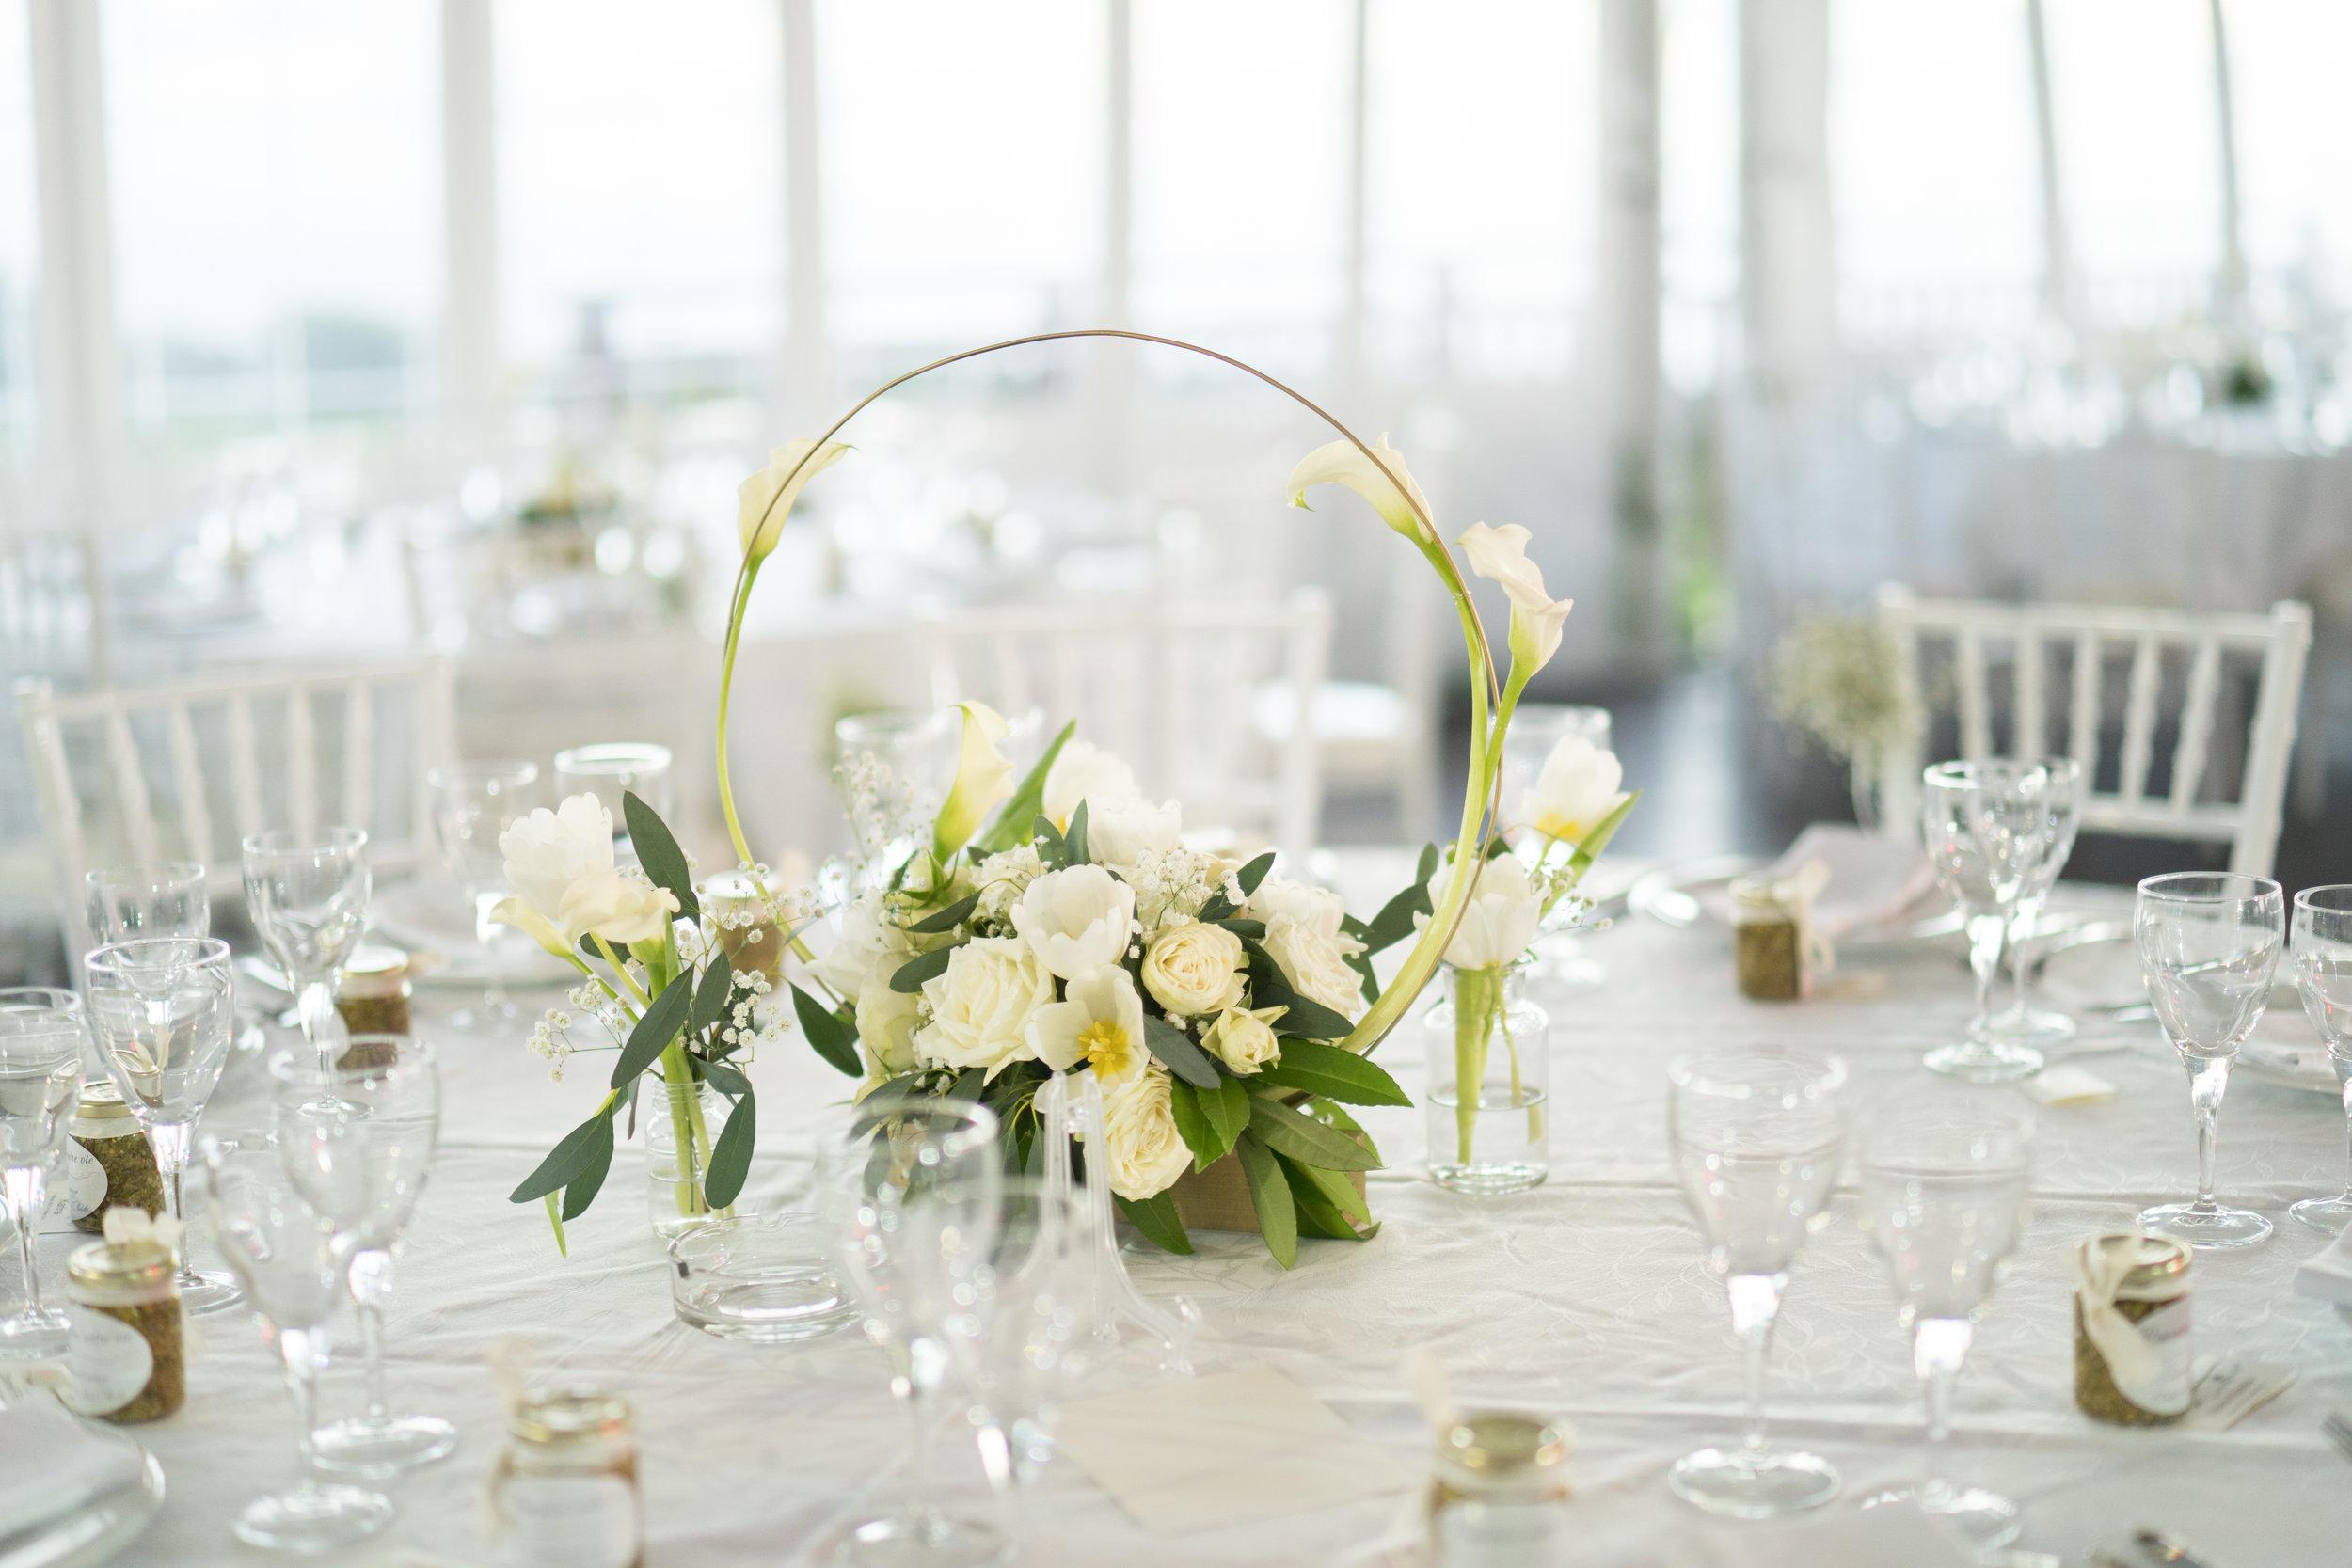 """""""La pureté"""" - La décoration florale apporte la touche d'élégance, de raffinement et de légèreté, une décoration en harmonie avec le thème à la fois épurée et sophistiquée."""